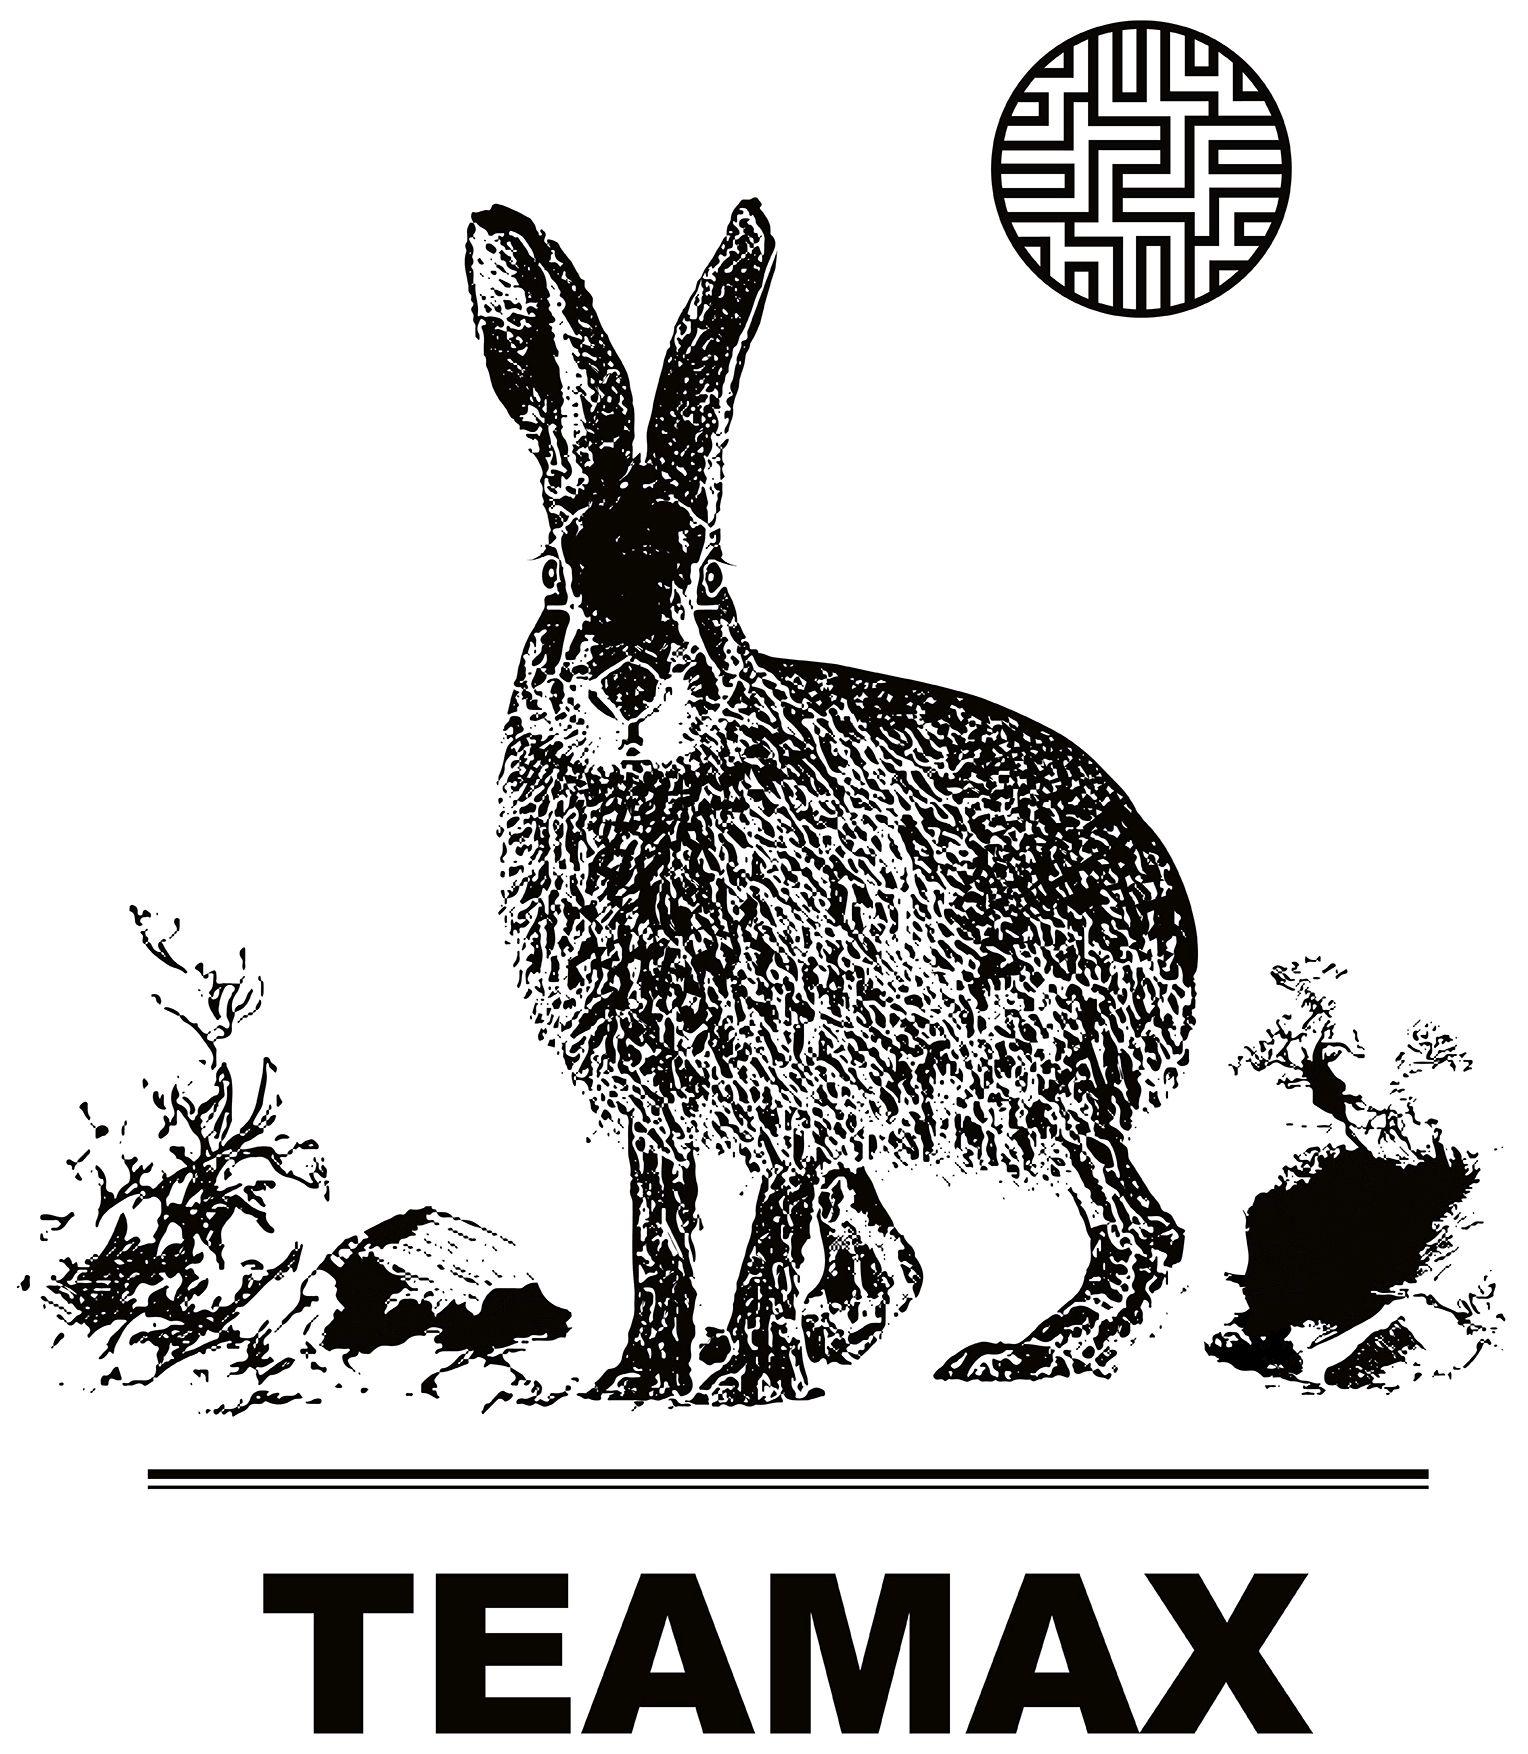 Wort-/Bildmarke: TEAMAX